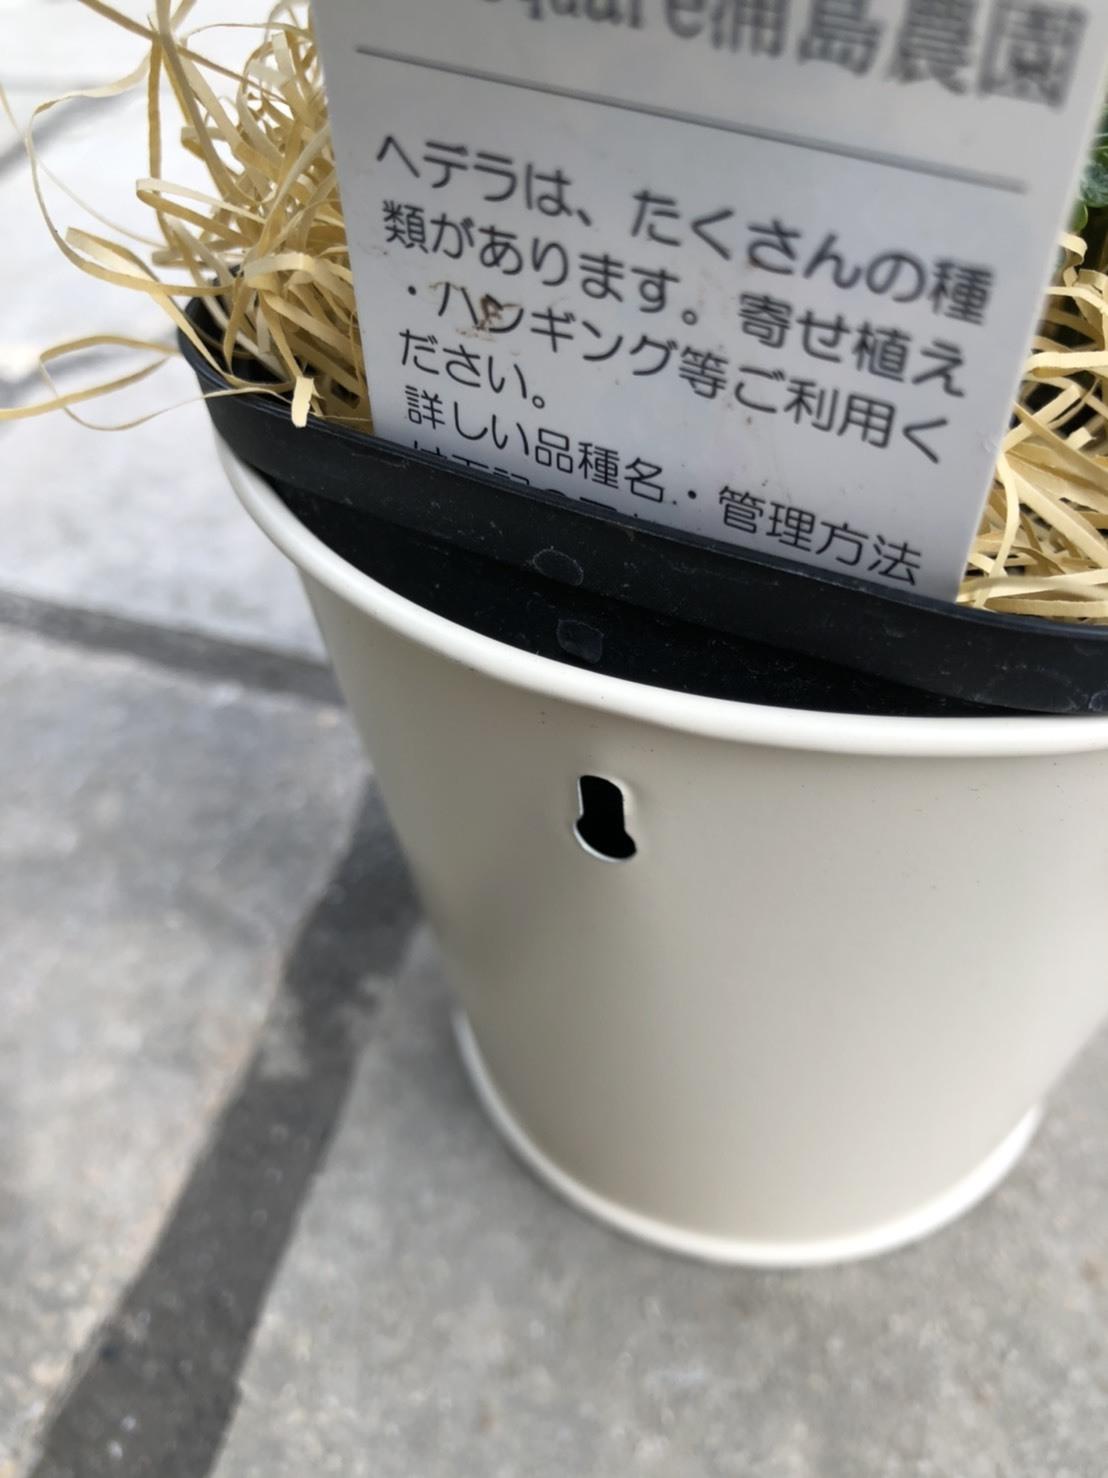 ヘデラヘリックス 翠雲 猫ちゃんポット